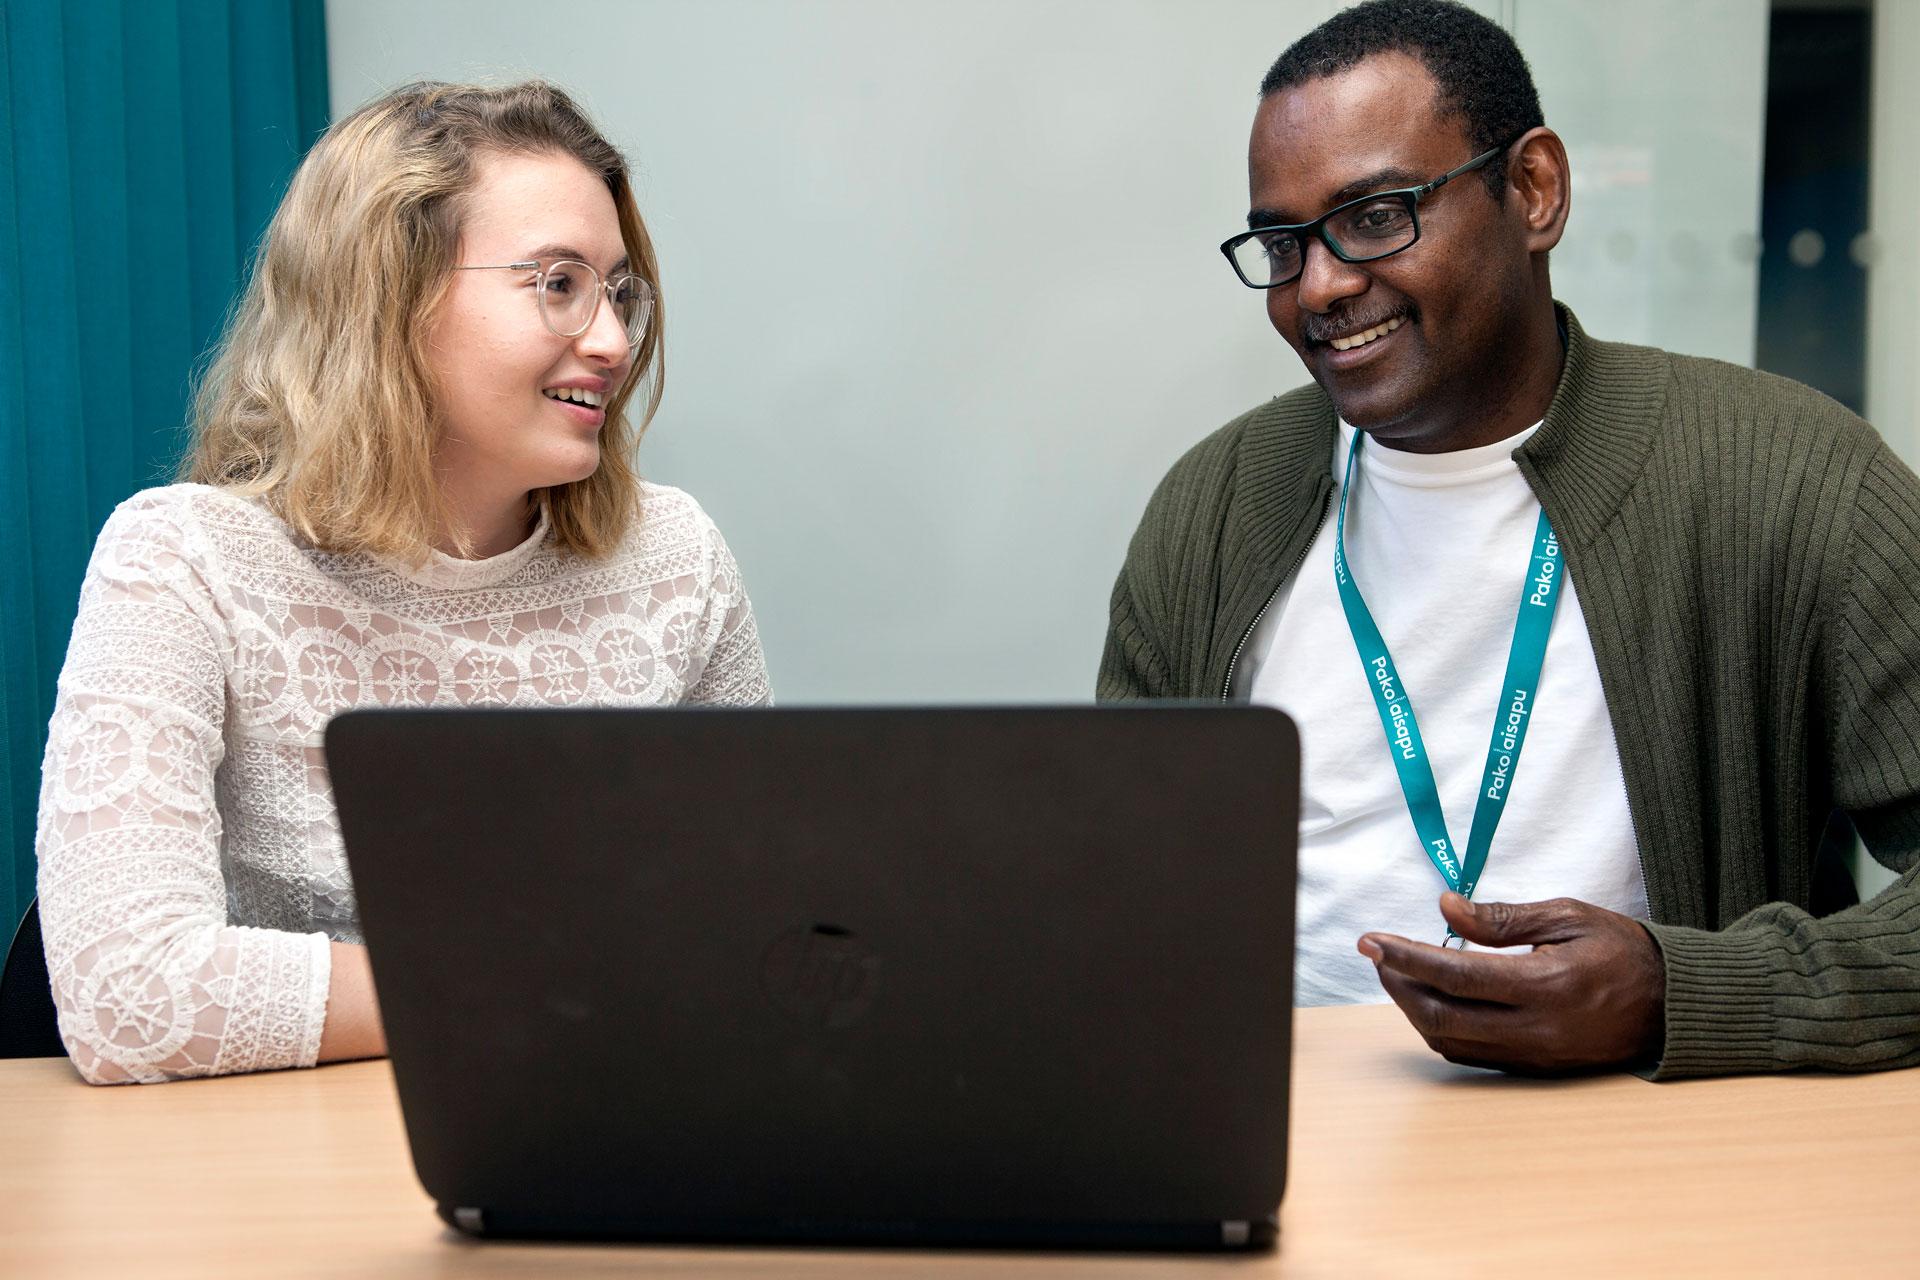 Hymyilevä nainen ja mies keskustelevat tietokoneen äärellä.